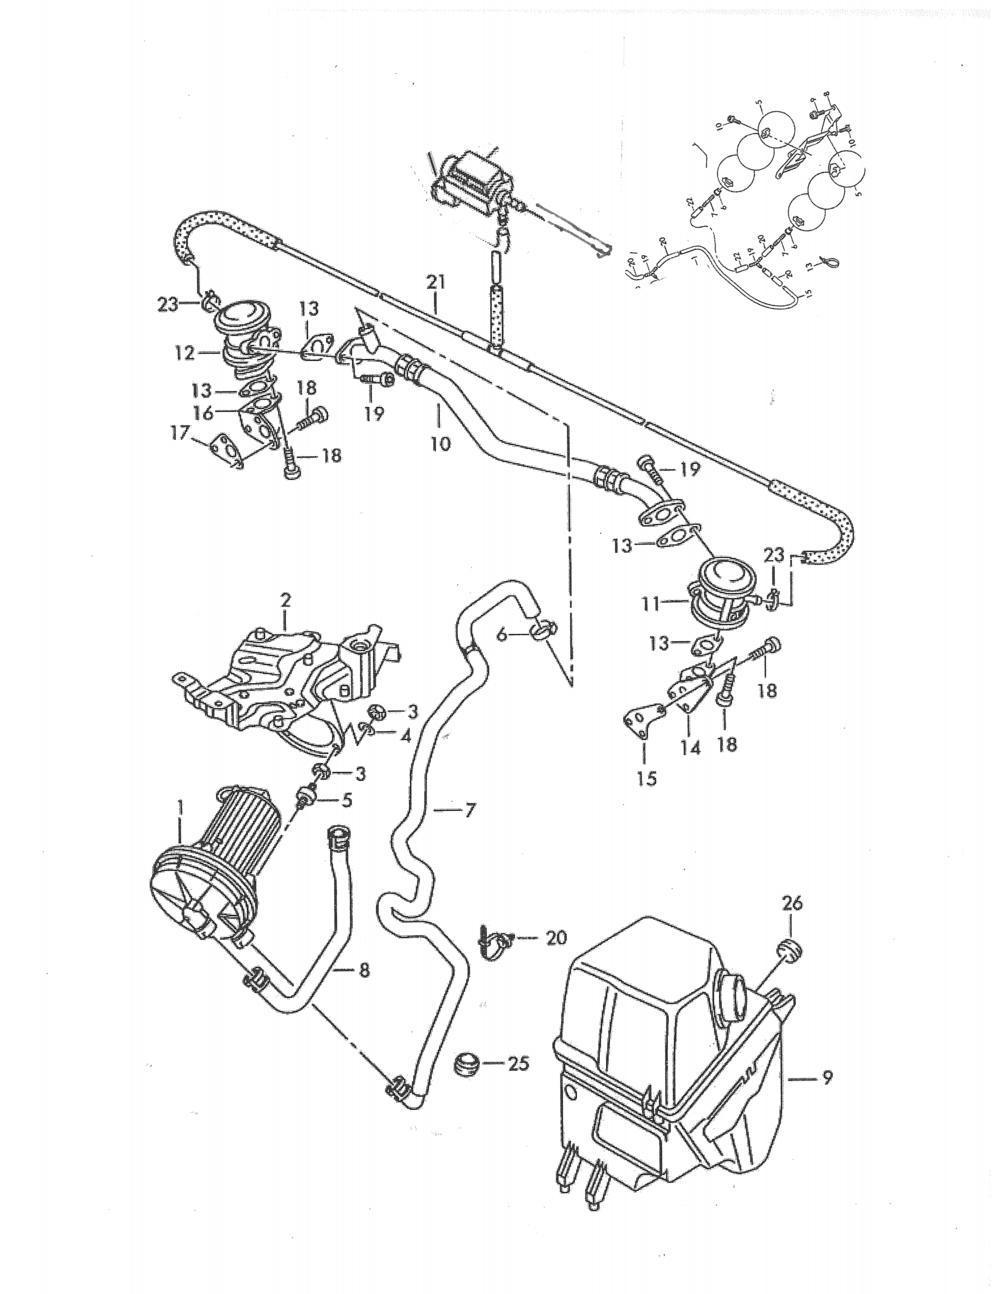 Need Vacuum Hose Diagram